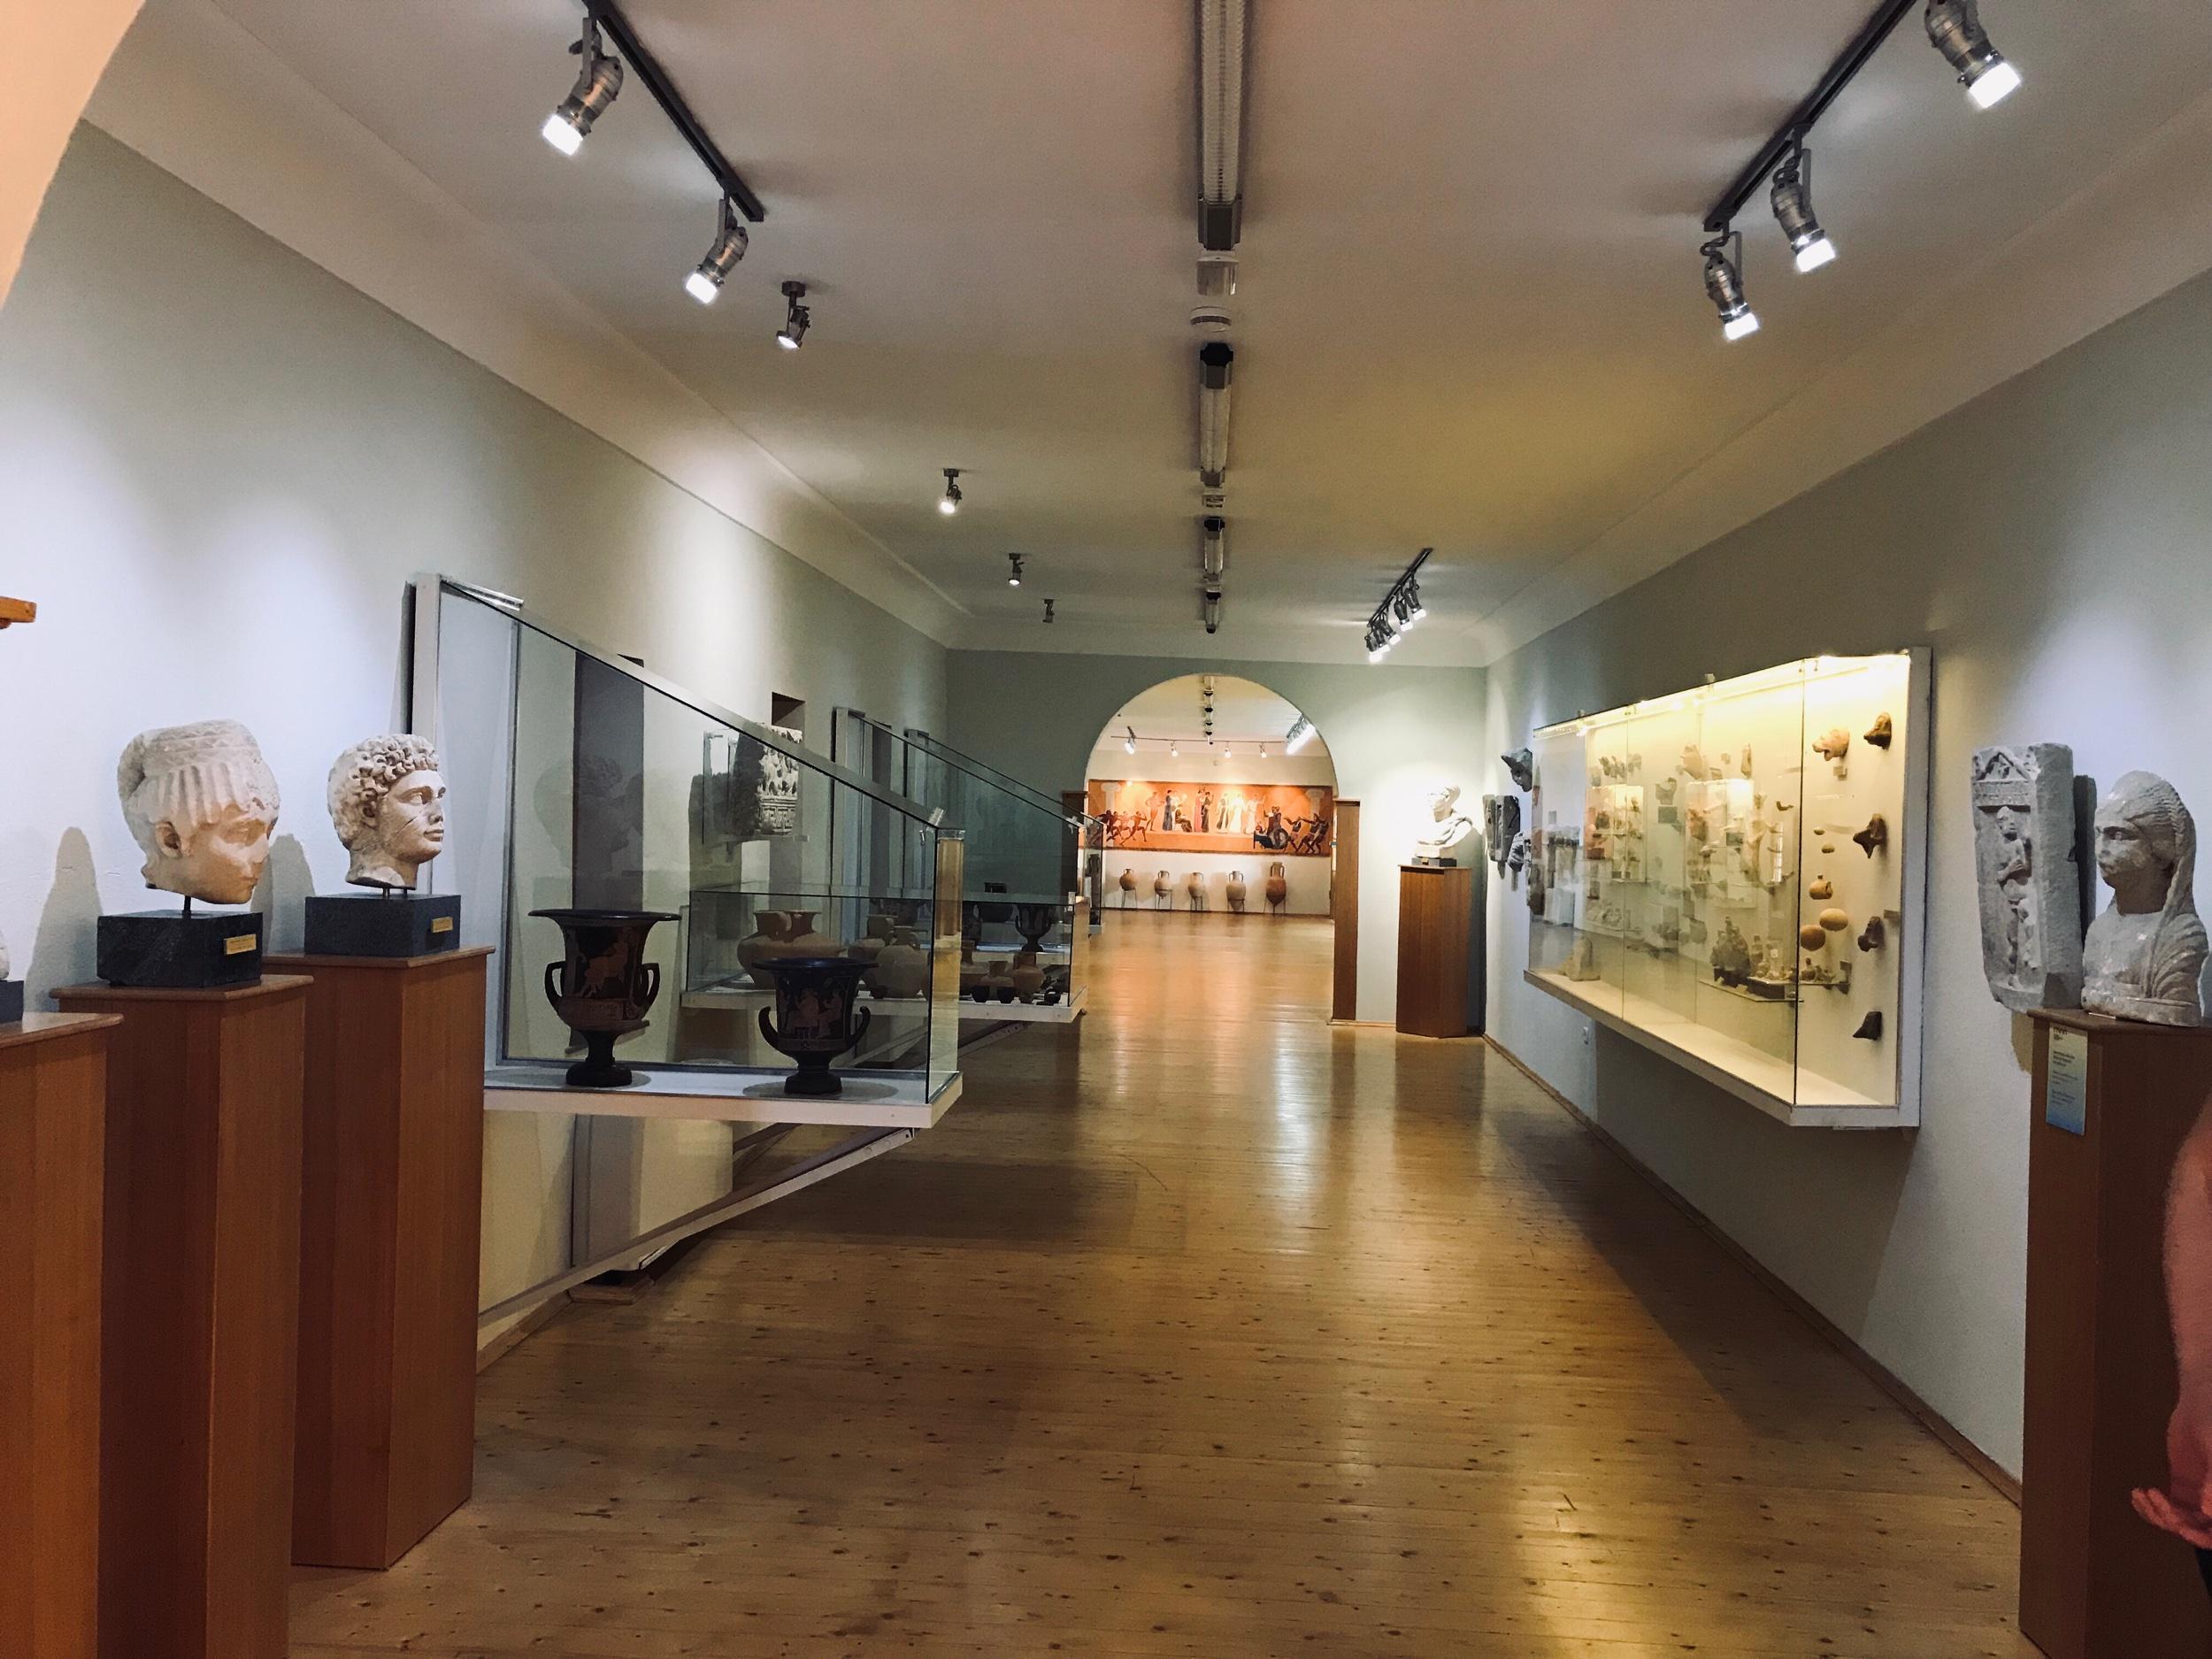 Museossa on esillä säilyneet esineet ja patsaat. Kuva: Mirva Rannisto